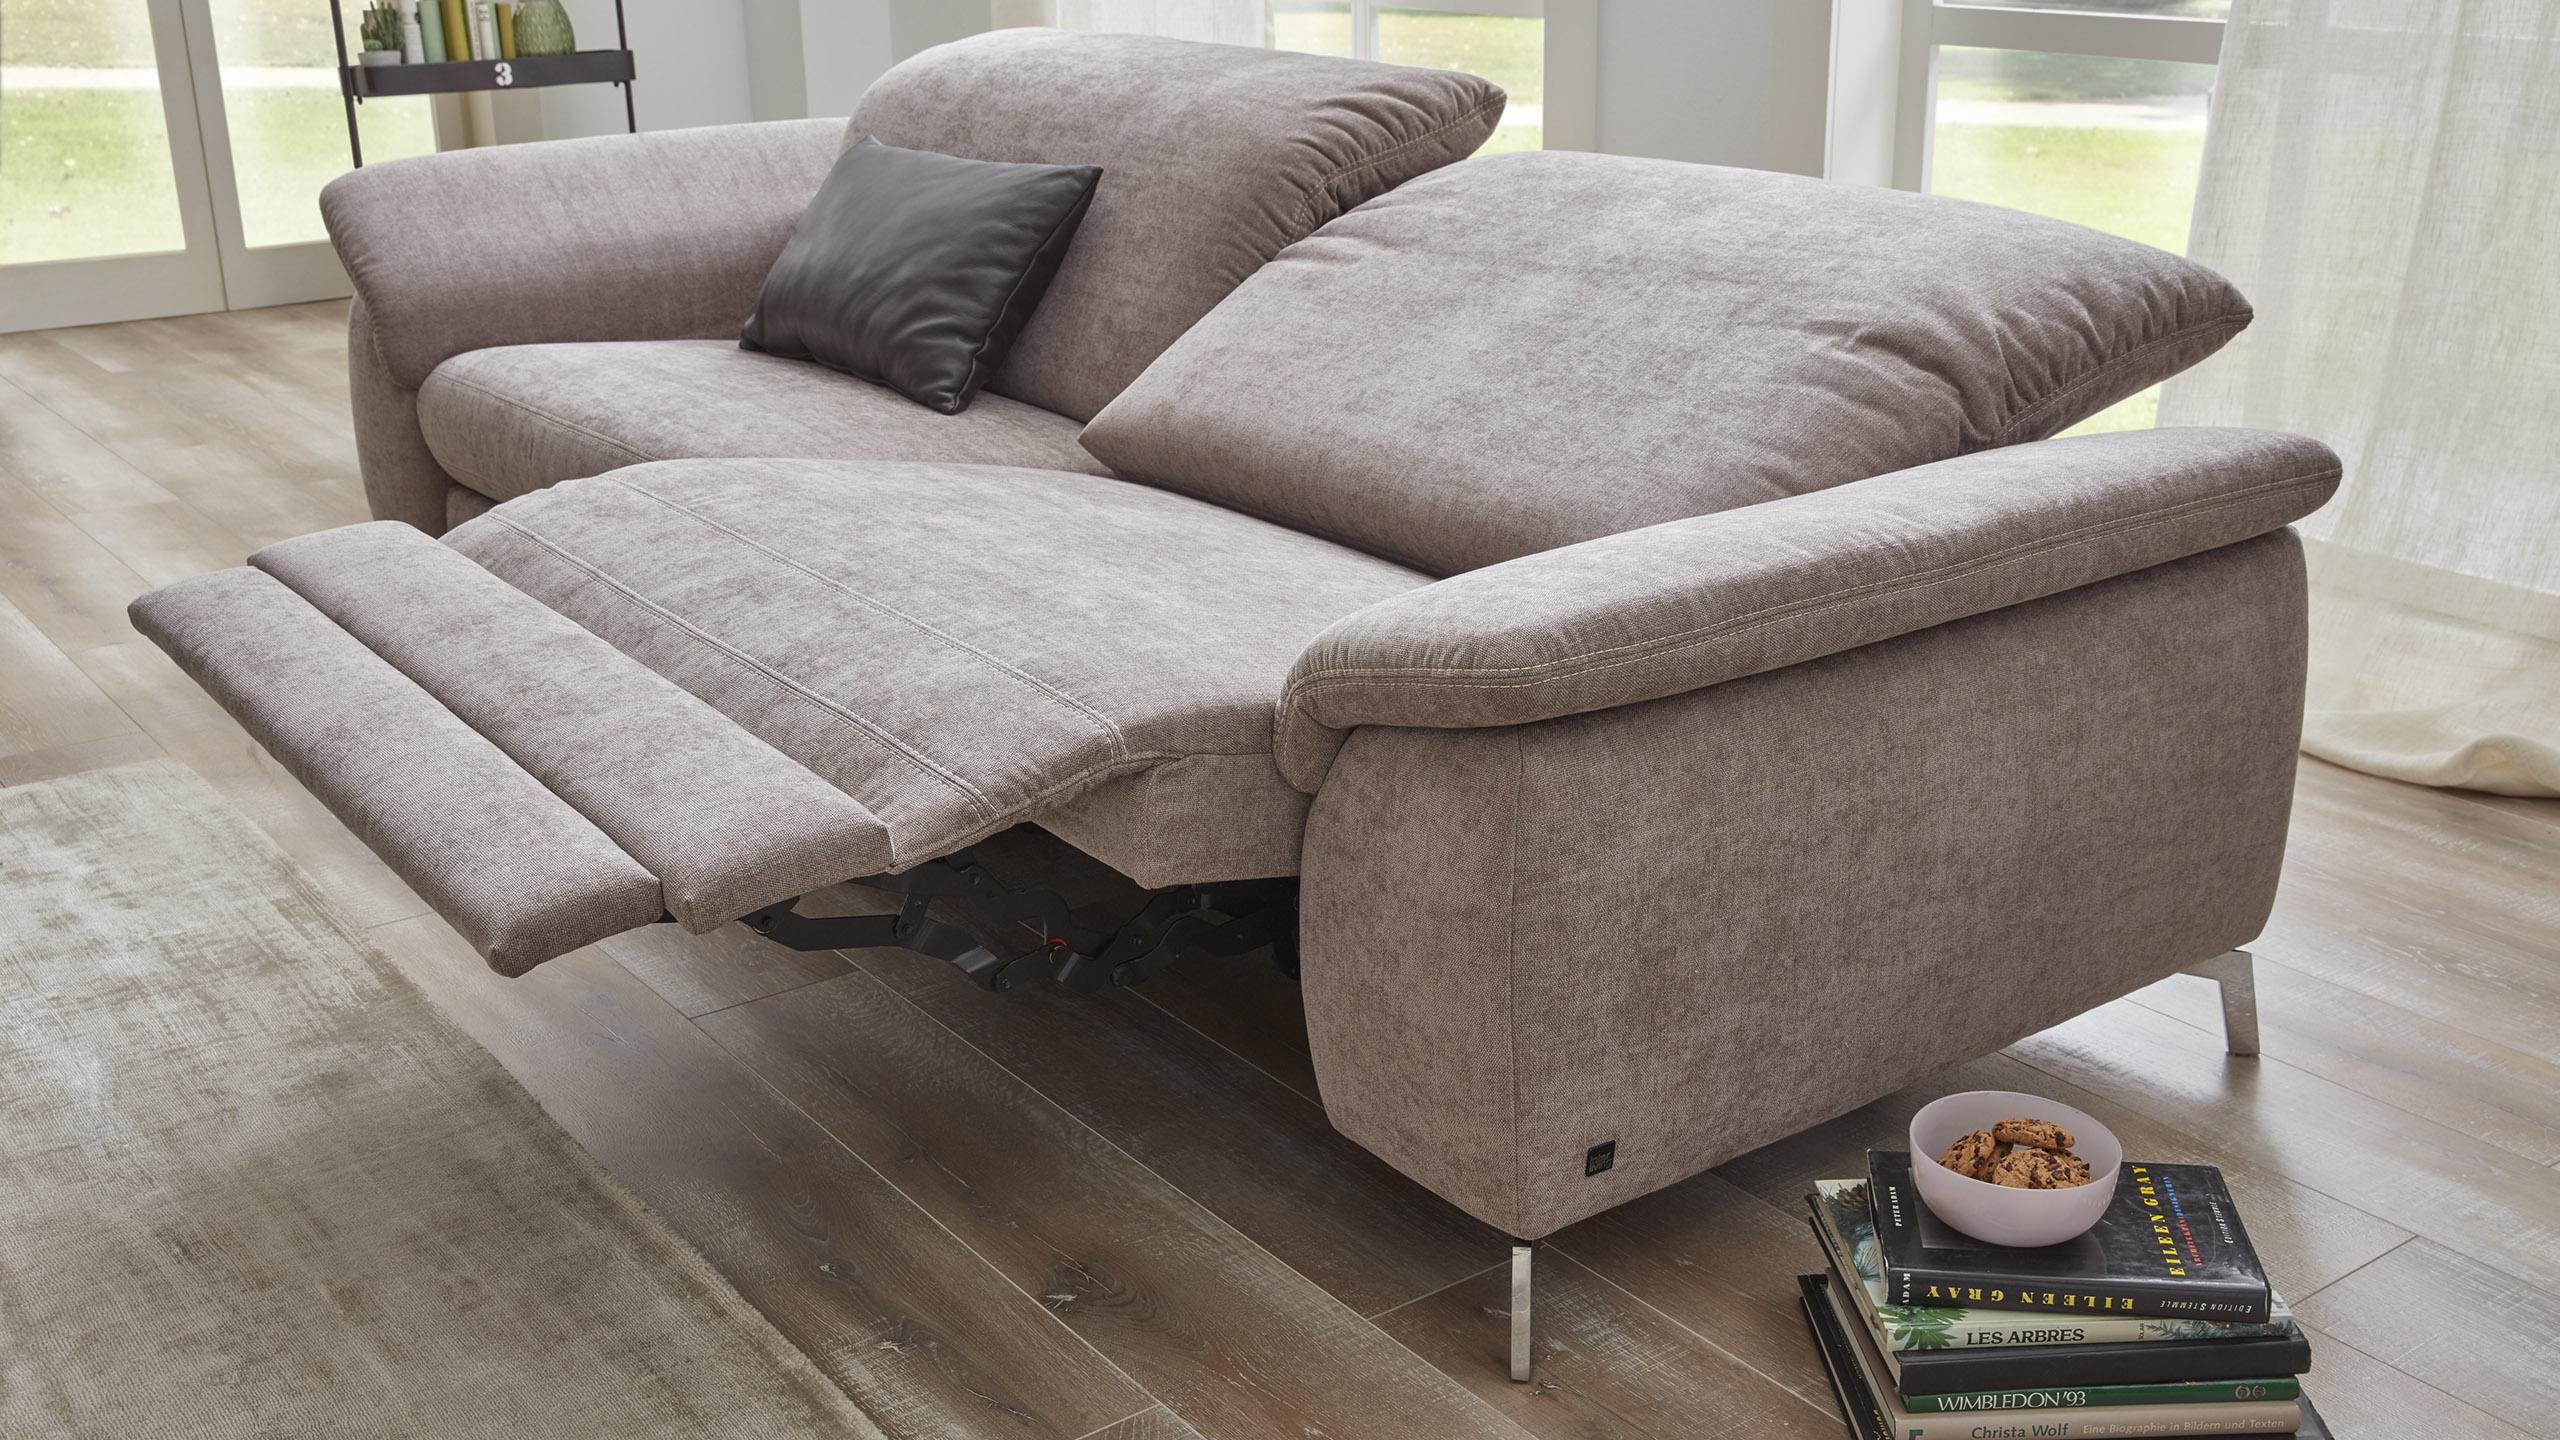 polster m bel arenz. Black Bedroom Furniture Sets. Home Design Ideas